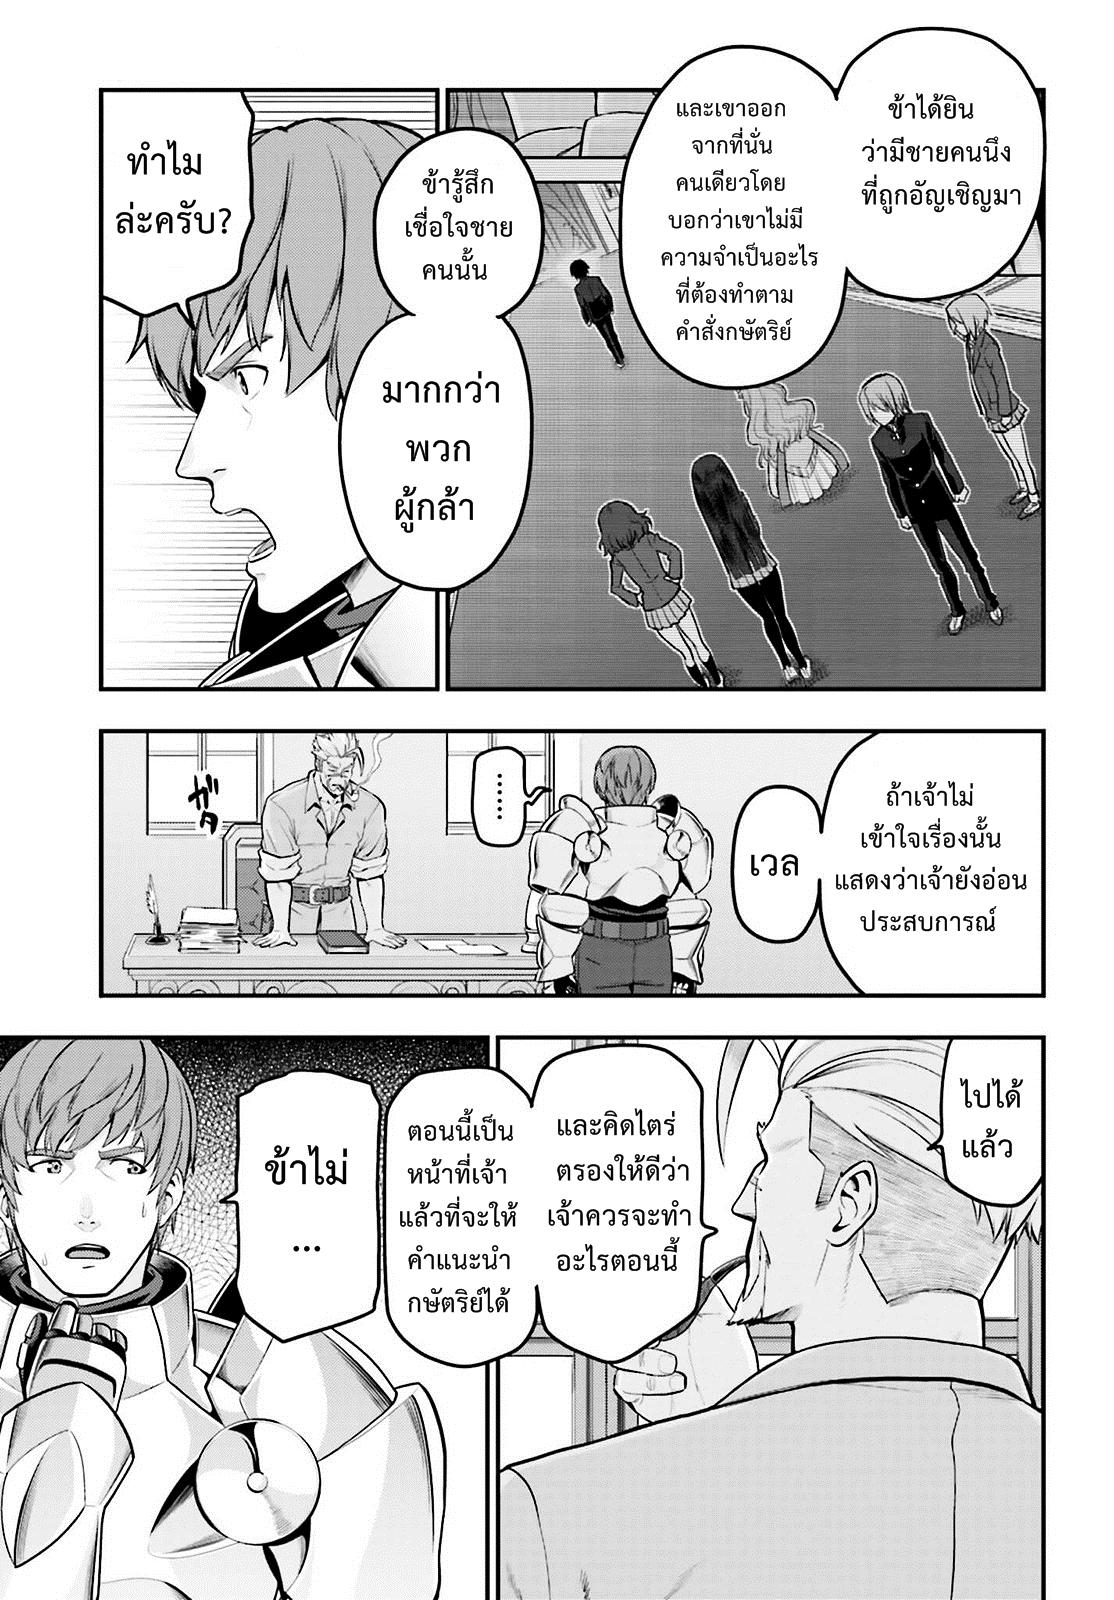 อ่านการ์ตูน Konjiki no Word Master 17 ภาพที่ 13